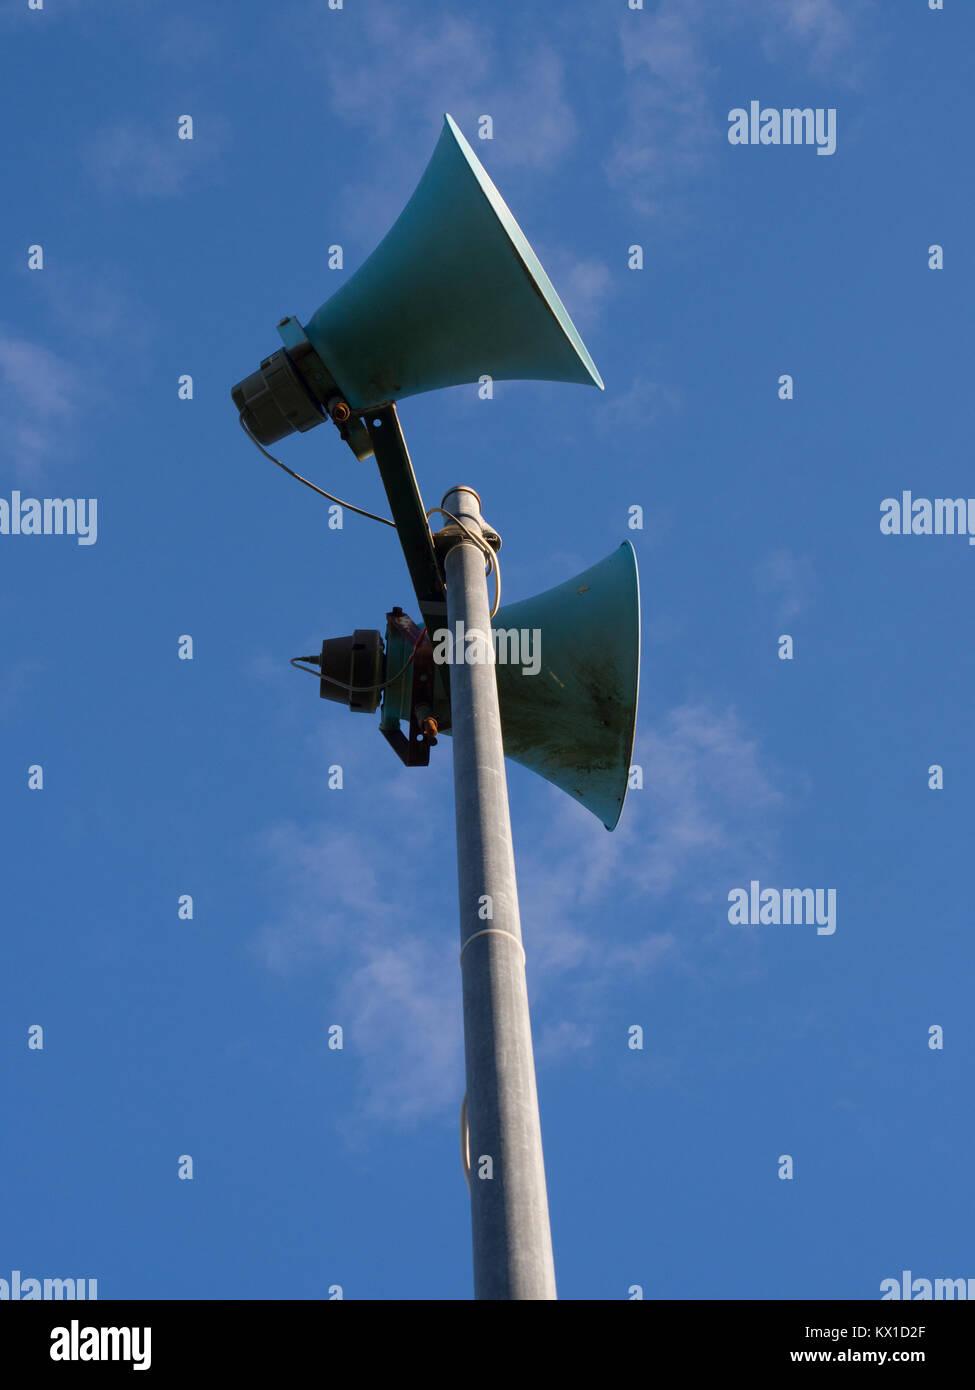 Loud Speakers - Stock Image